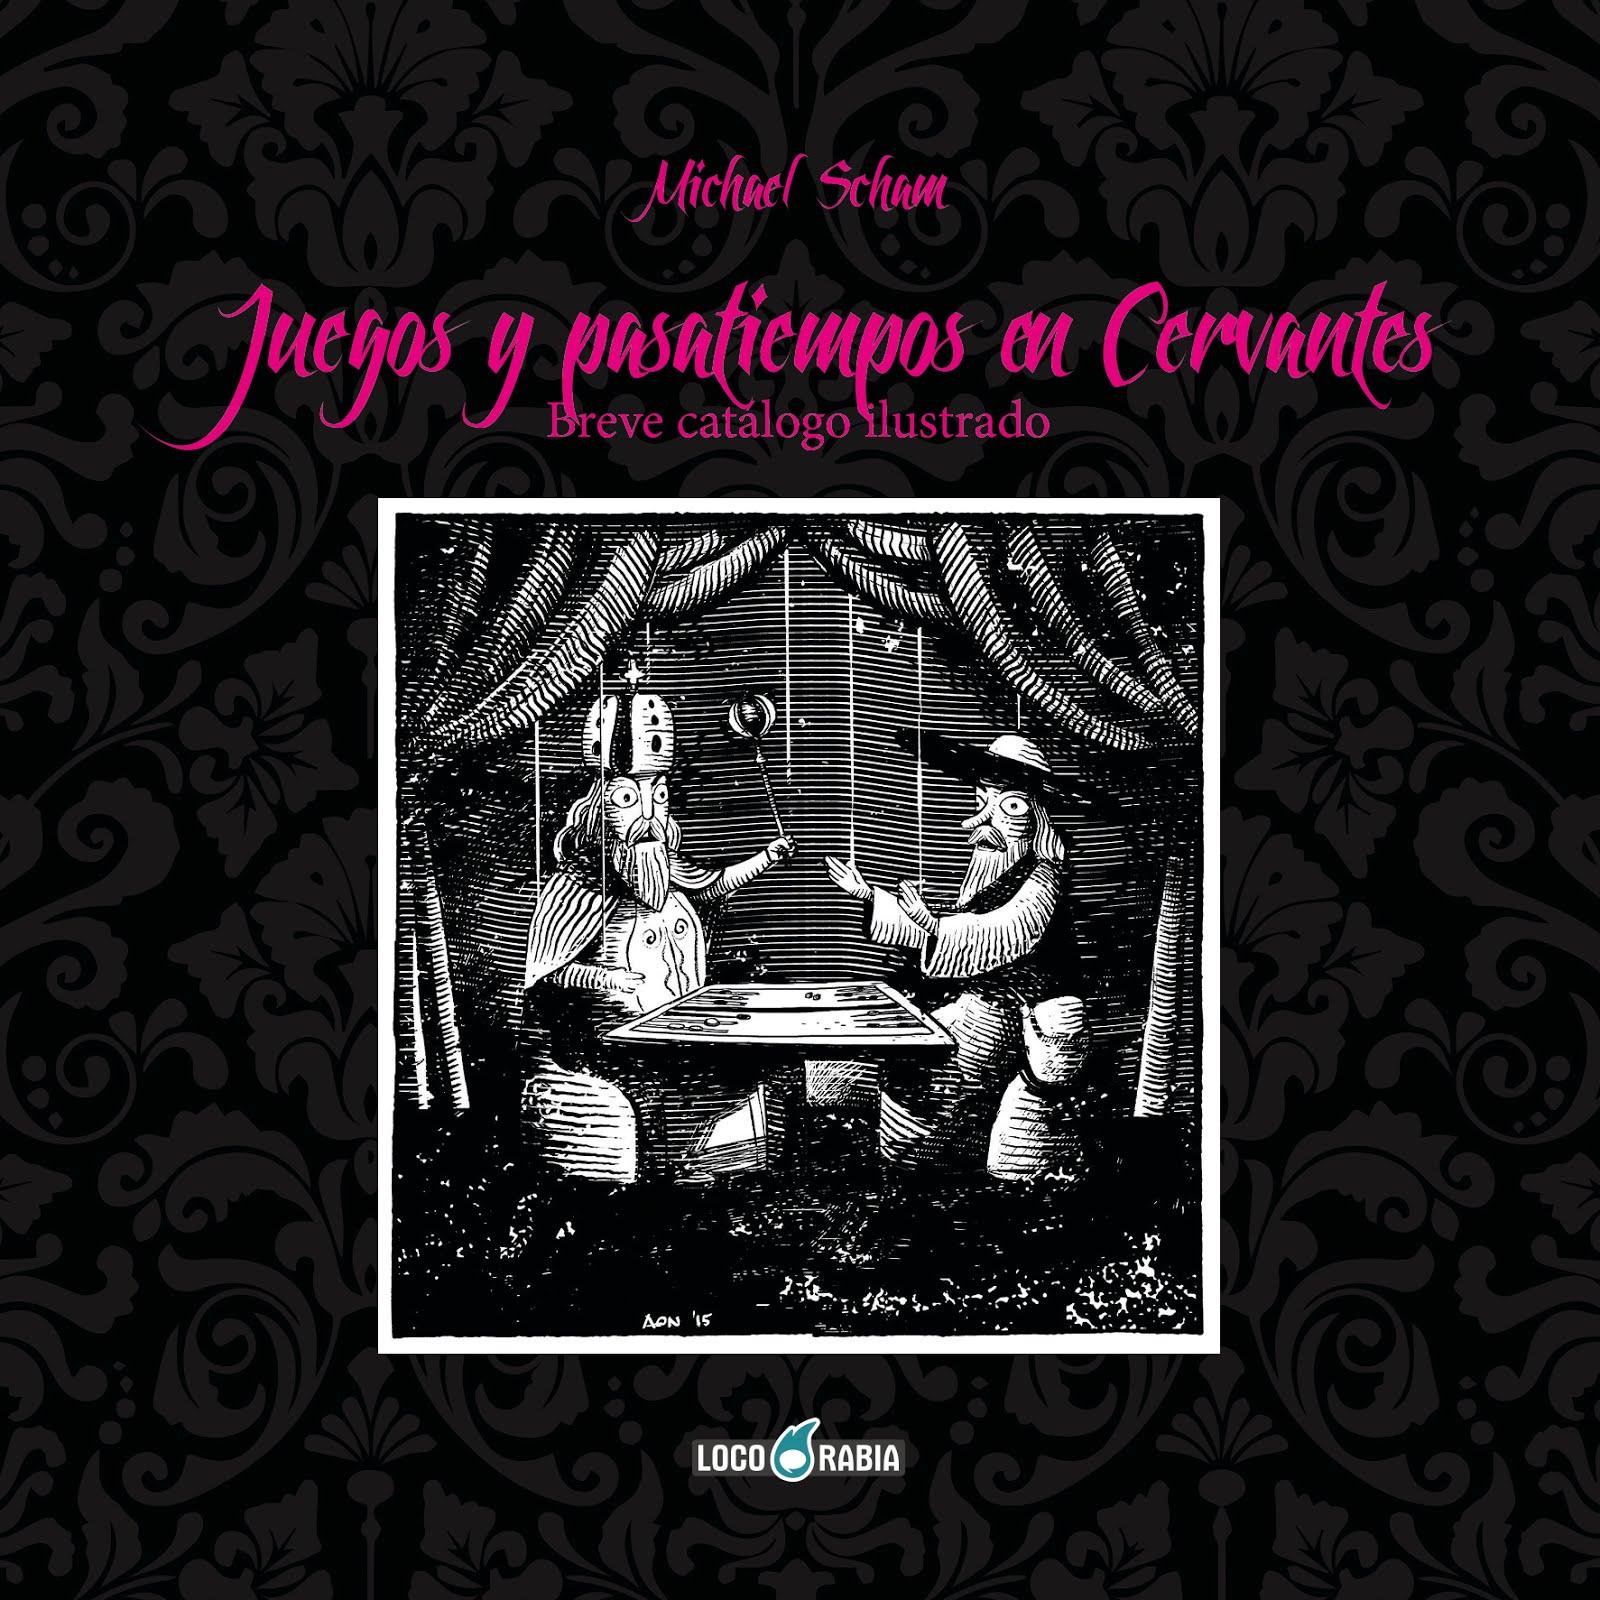 Juegos y pasatiempos en Cervantes